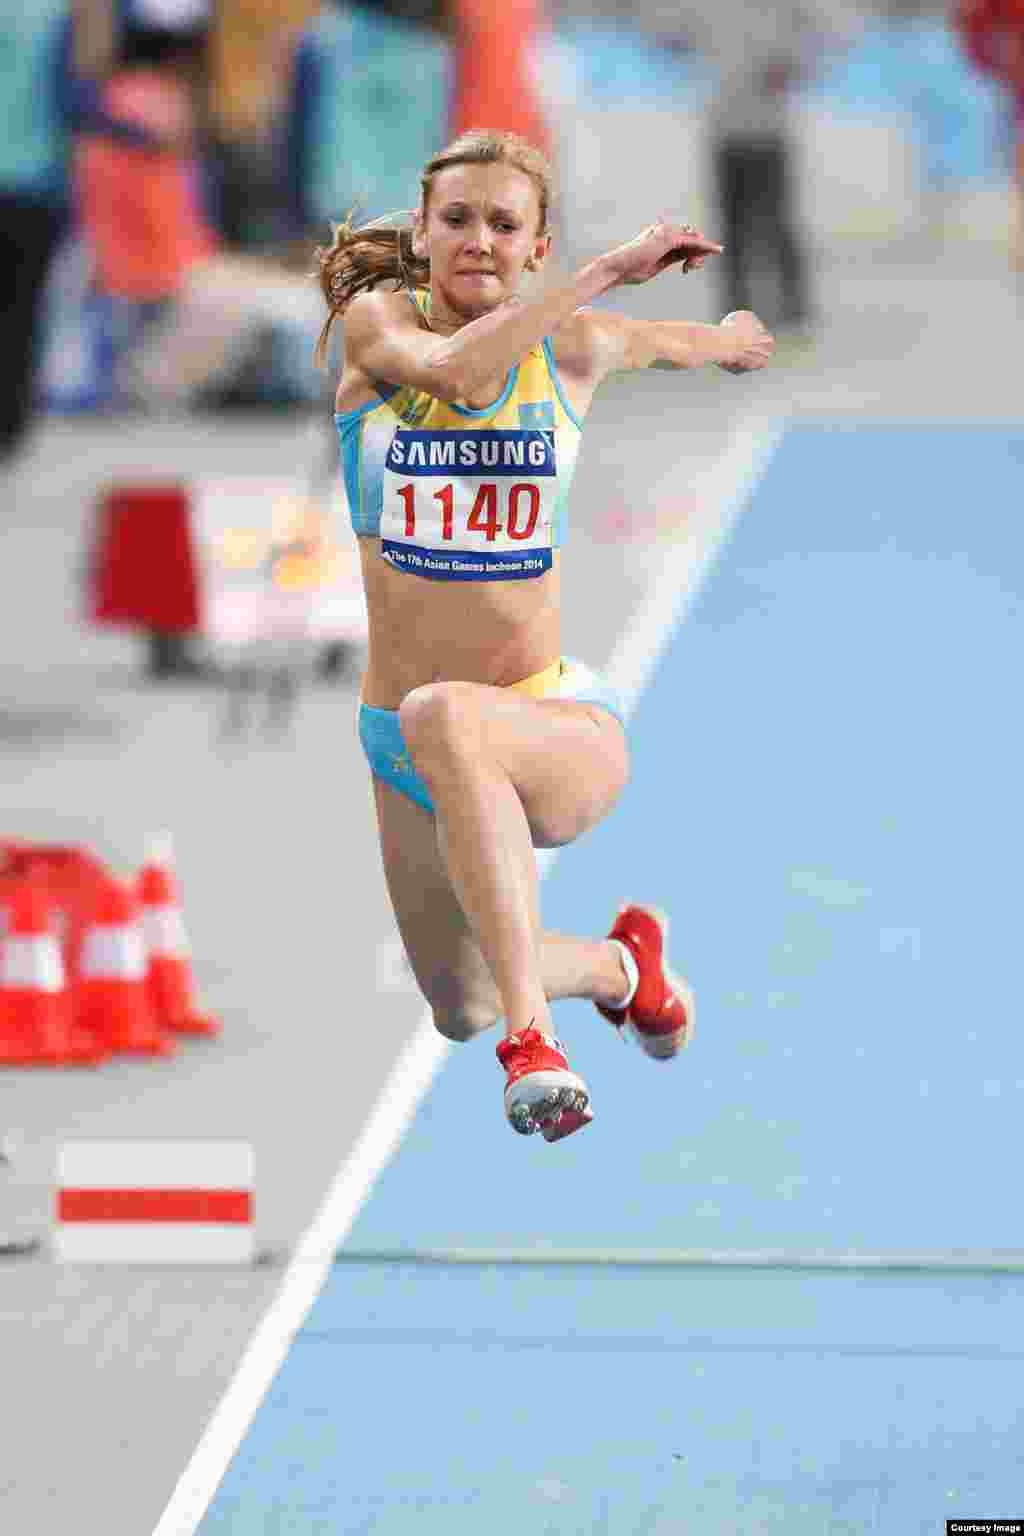 Золотуюмедаль в тройном прыжке принесла Казахстану олимпийская чемпионка Ольга Рыпакова. На Азиаде в Гуанчжоу она также выиграла золото. Фото Никиты Басова.